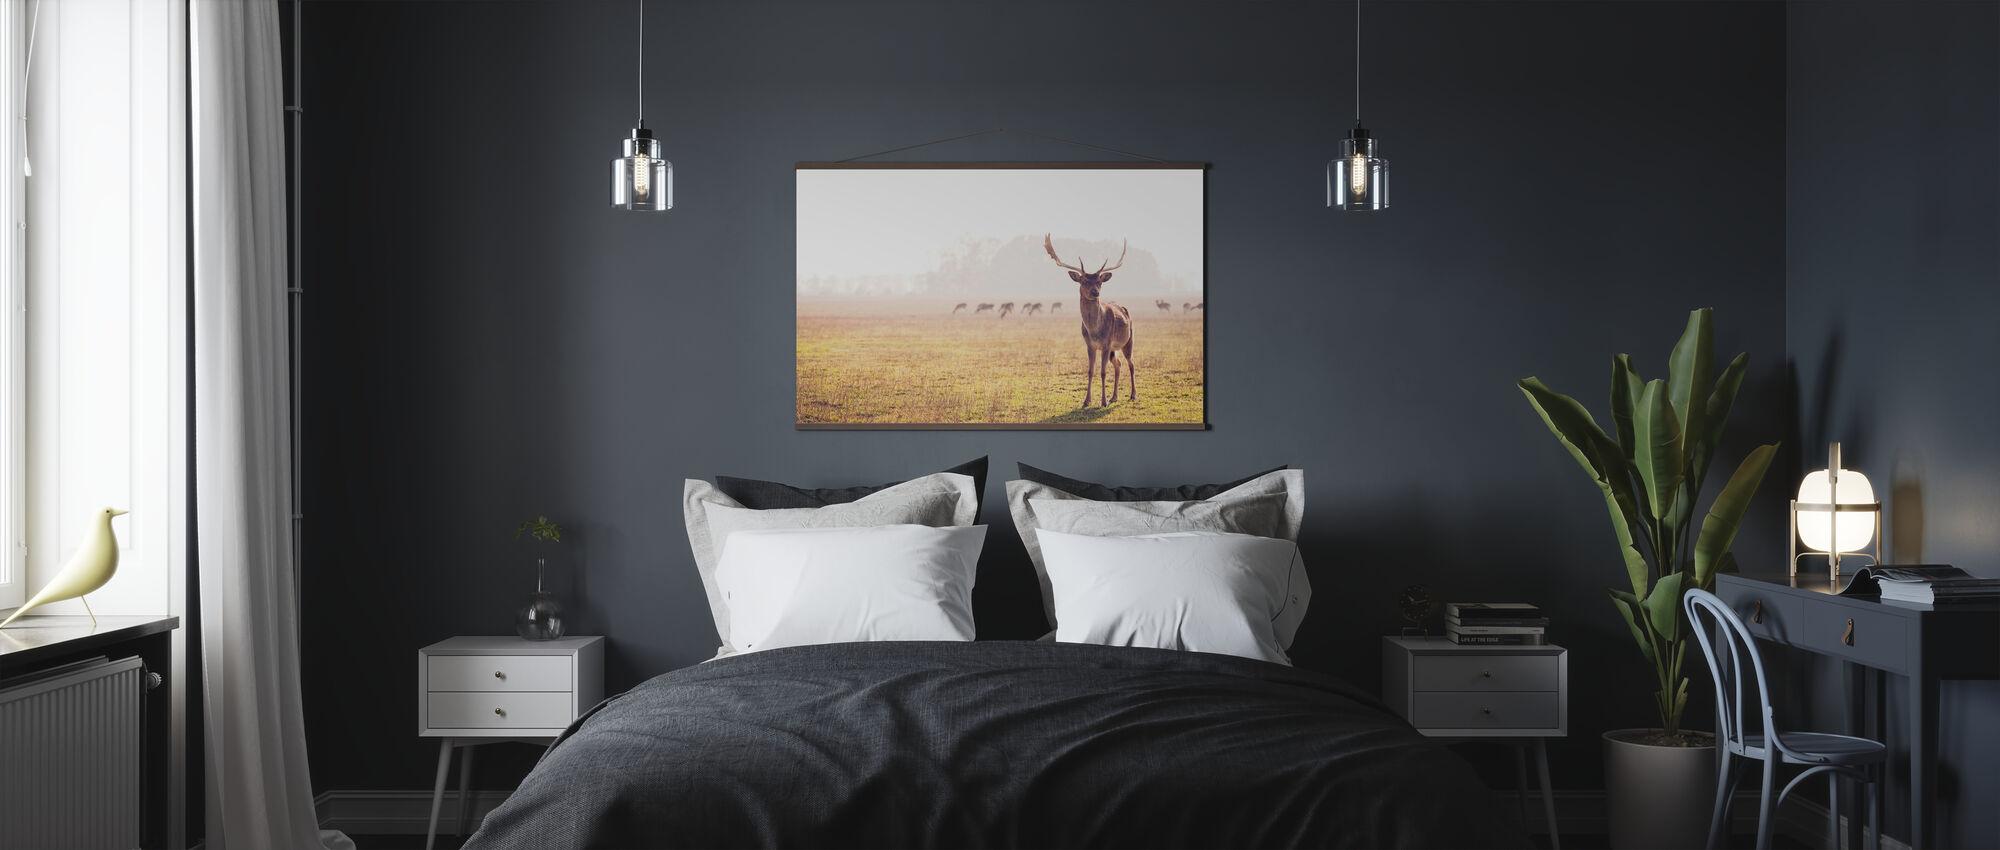 Damhert - Poster - Slaapkamer